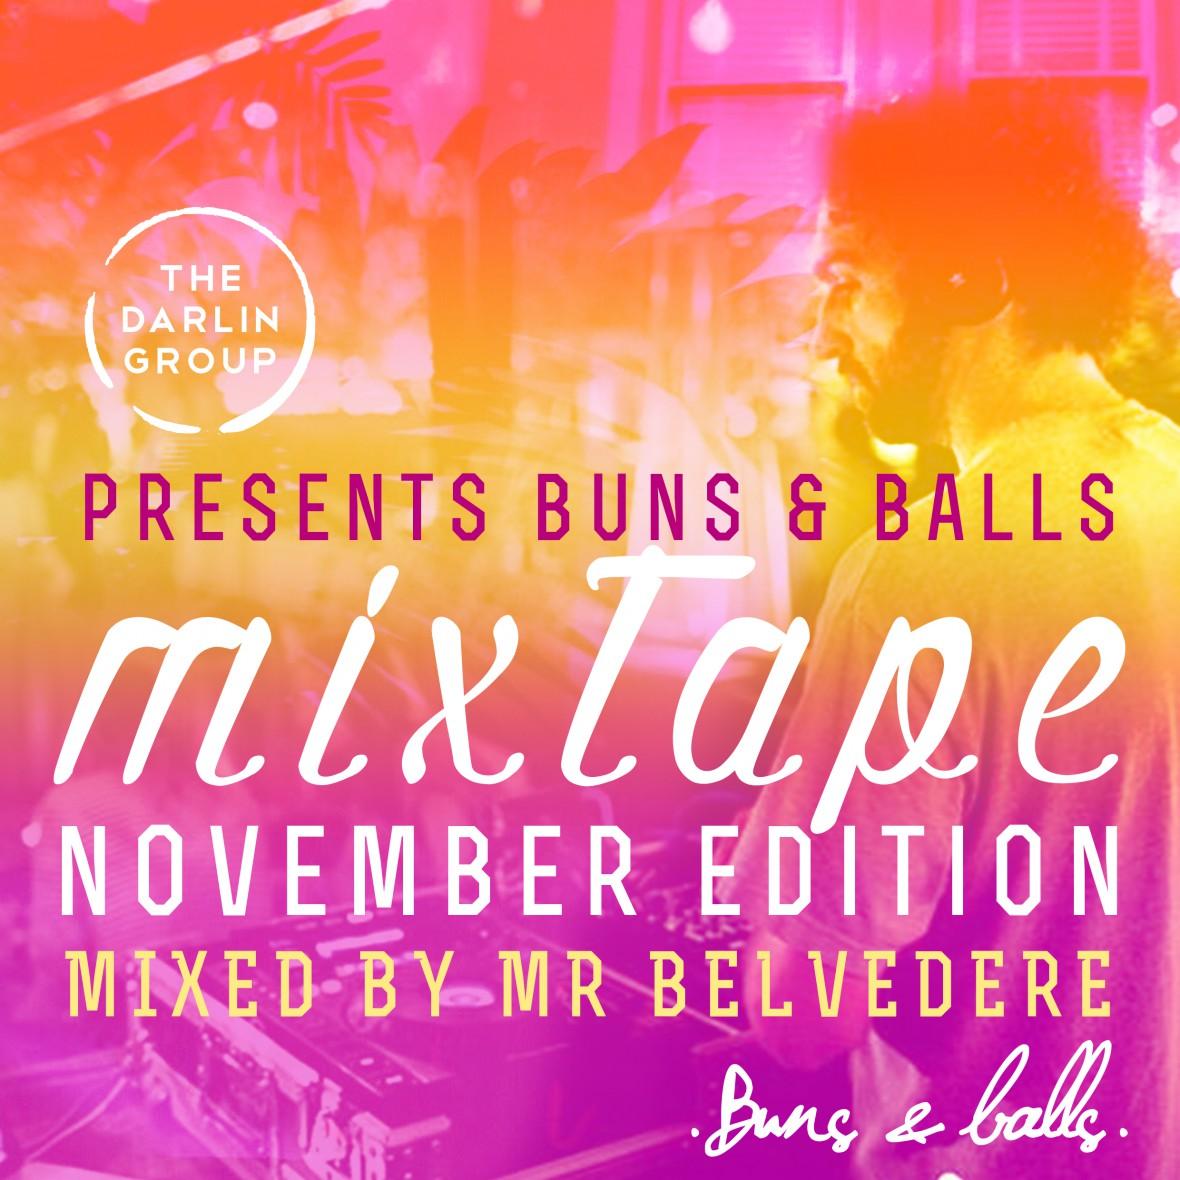 BB-mixtape-november